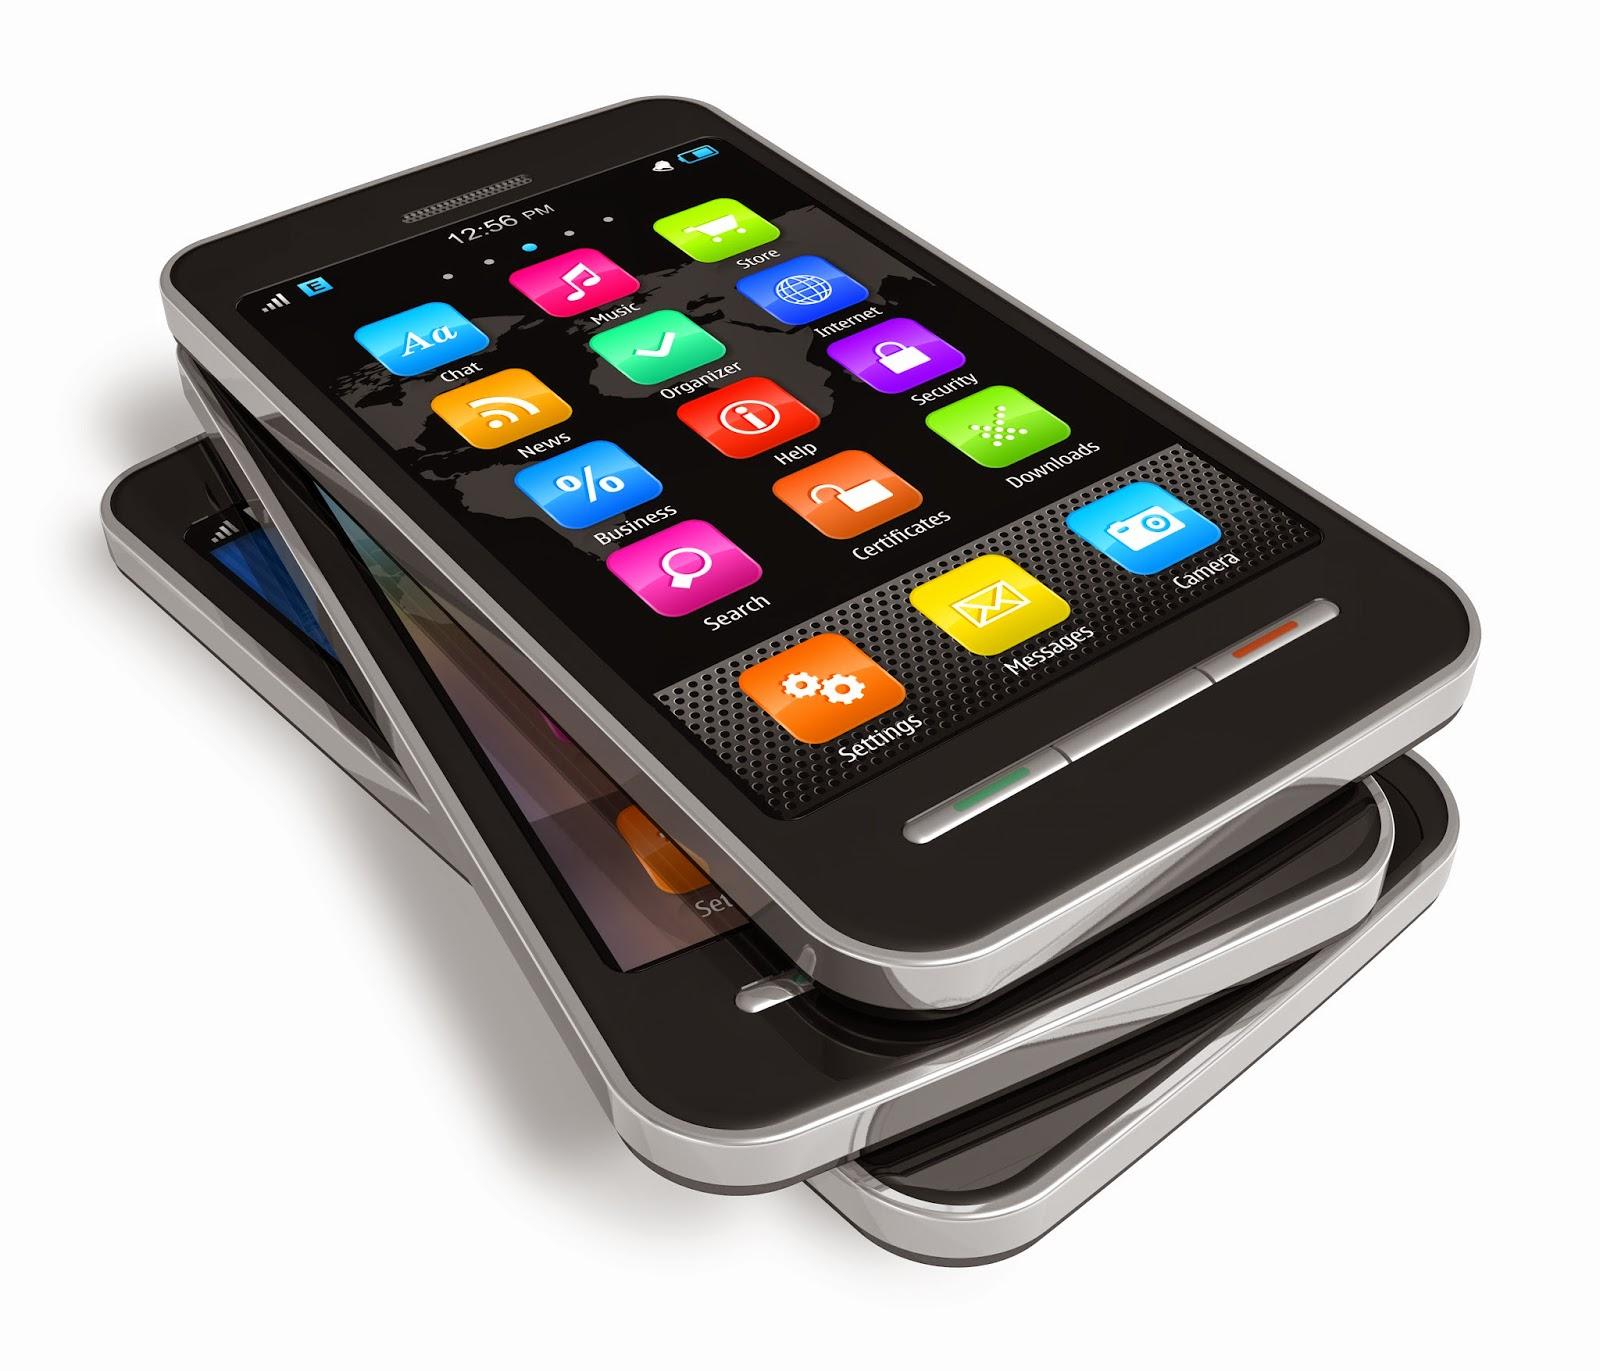 Smartphone 7 Merek Smartphone Berkualitas Asal Cina